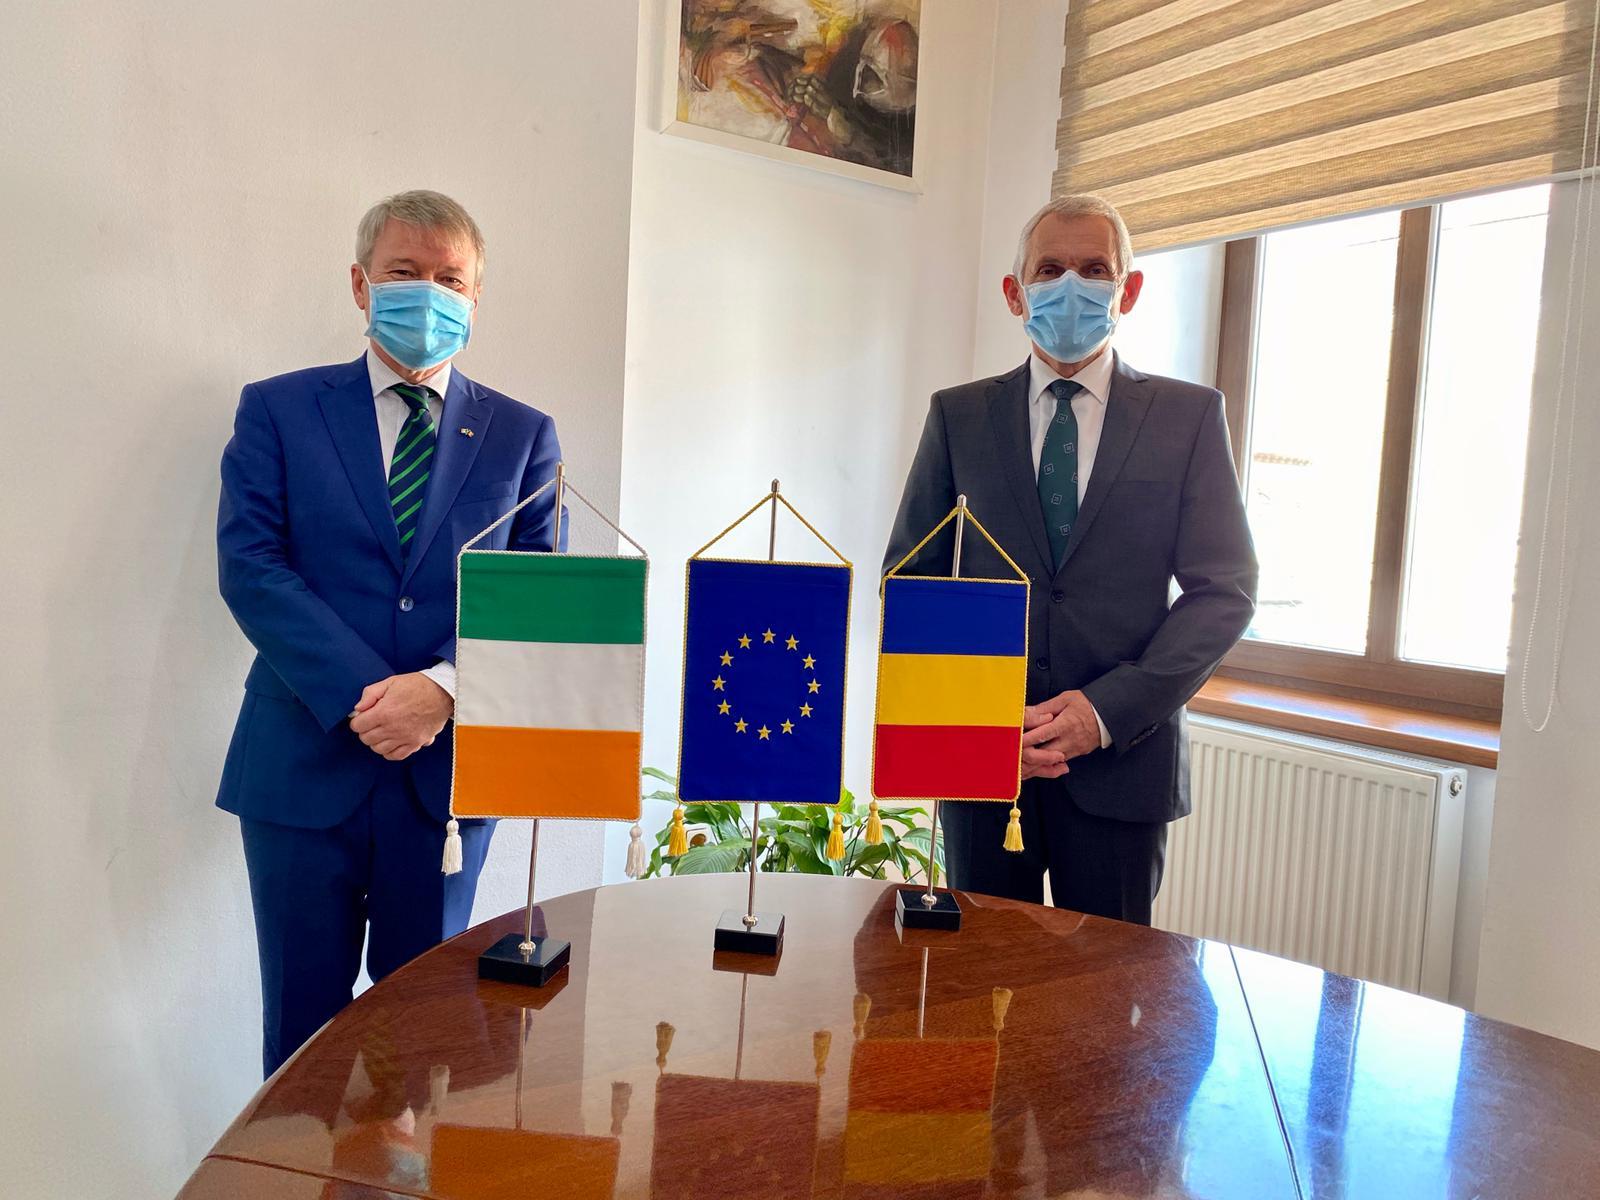 Prefectul Sibiului: Paul McGarry, ambasadorul Irlandei în România, a rămas impresionat de Sibiu